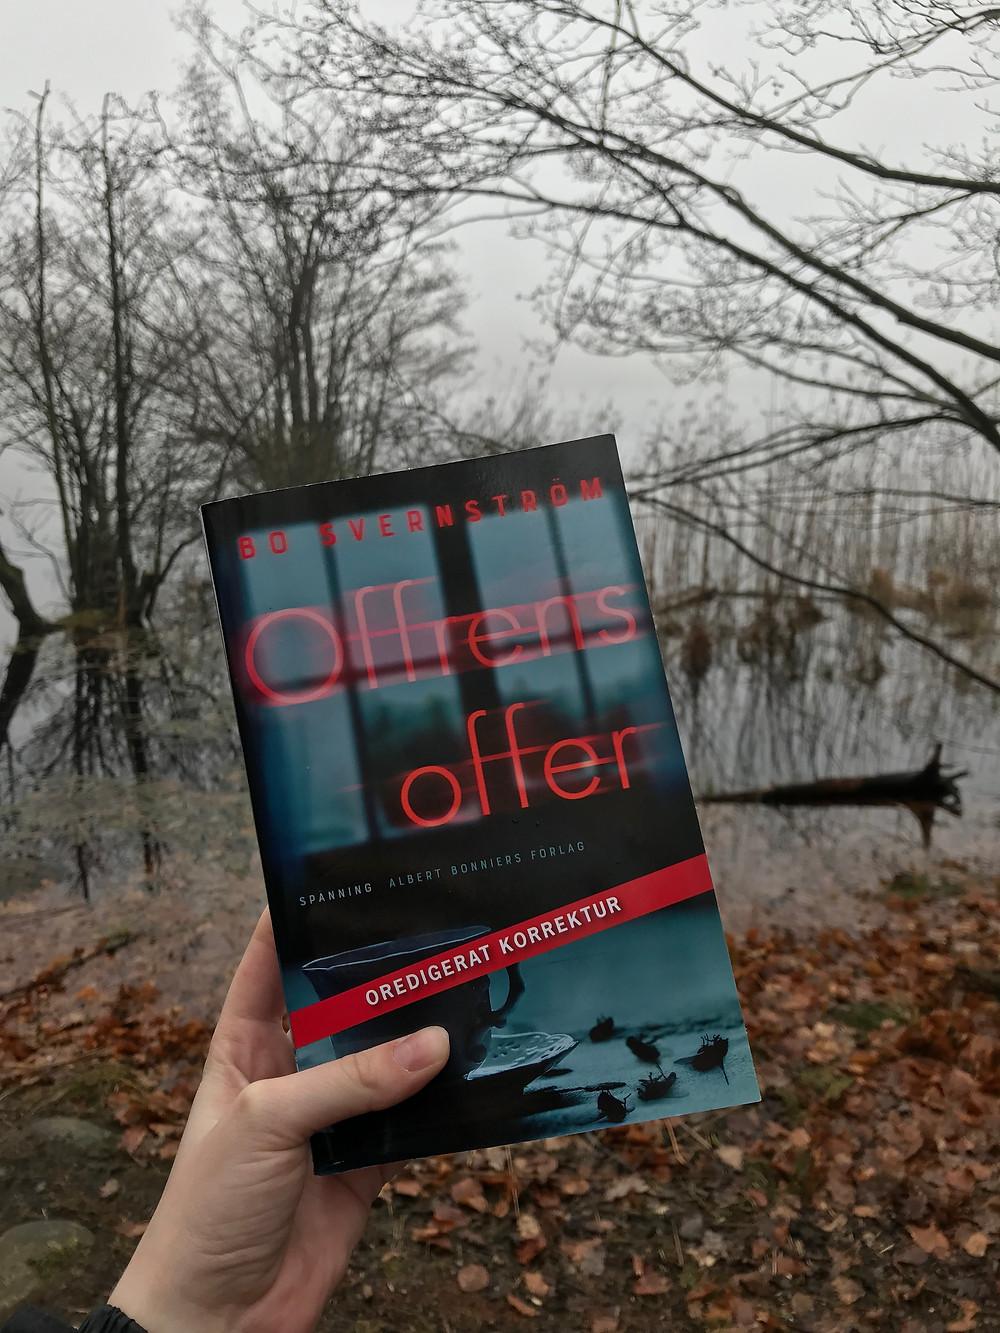 En hand som håller i boken Offrens offer, med en några nakna träd och en sjö i bakgrunden. En tjock dimma ligger över allt ihop och gör att naturen ser mystisk ut